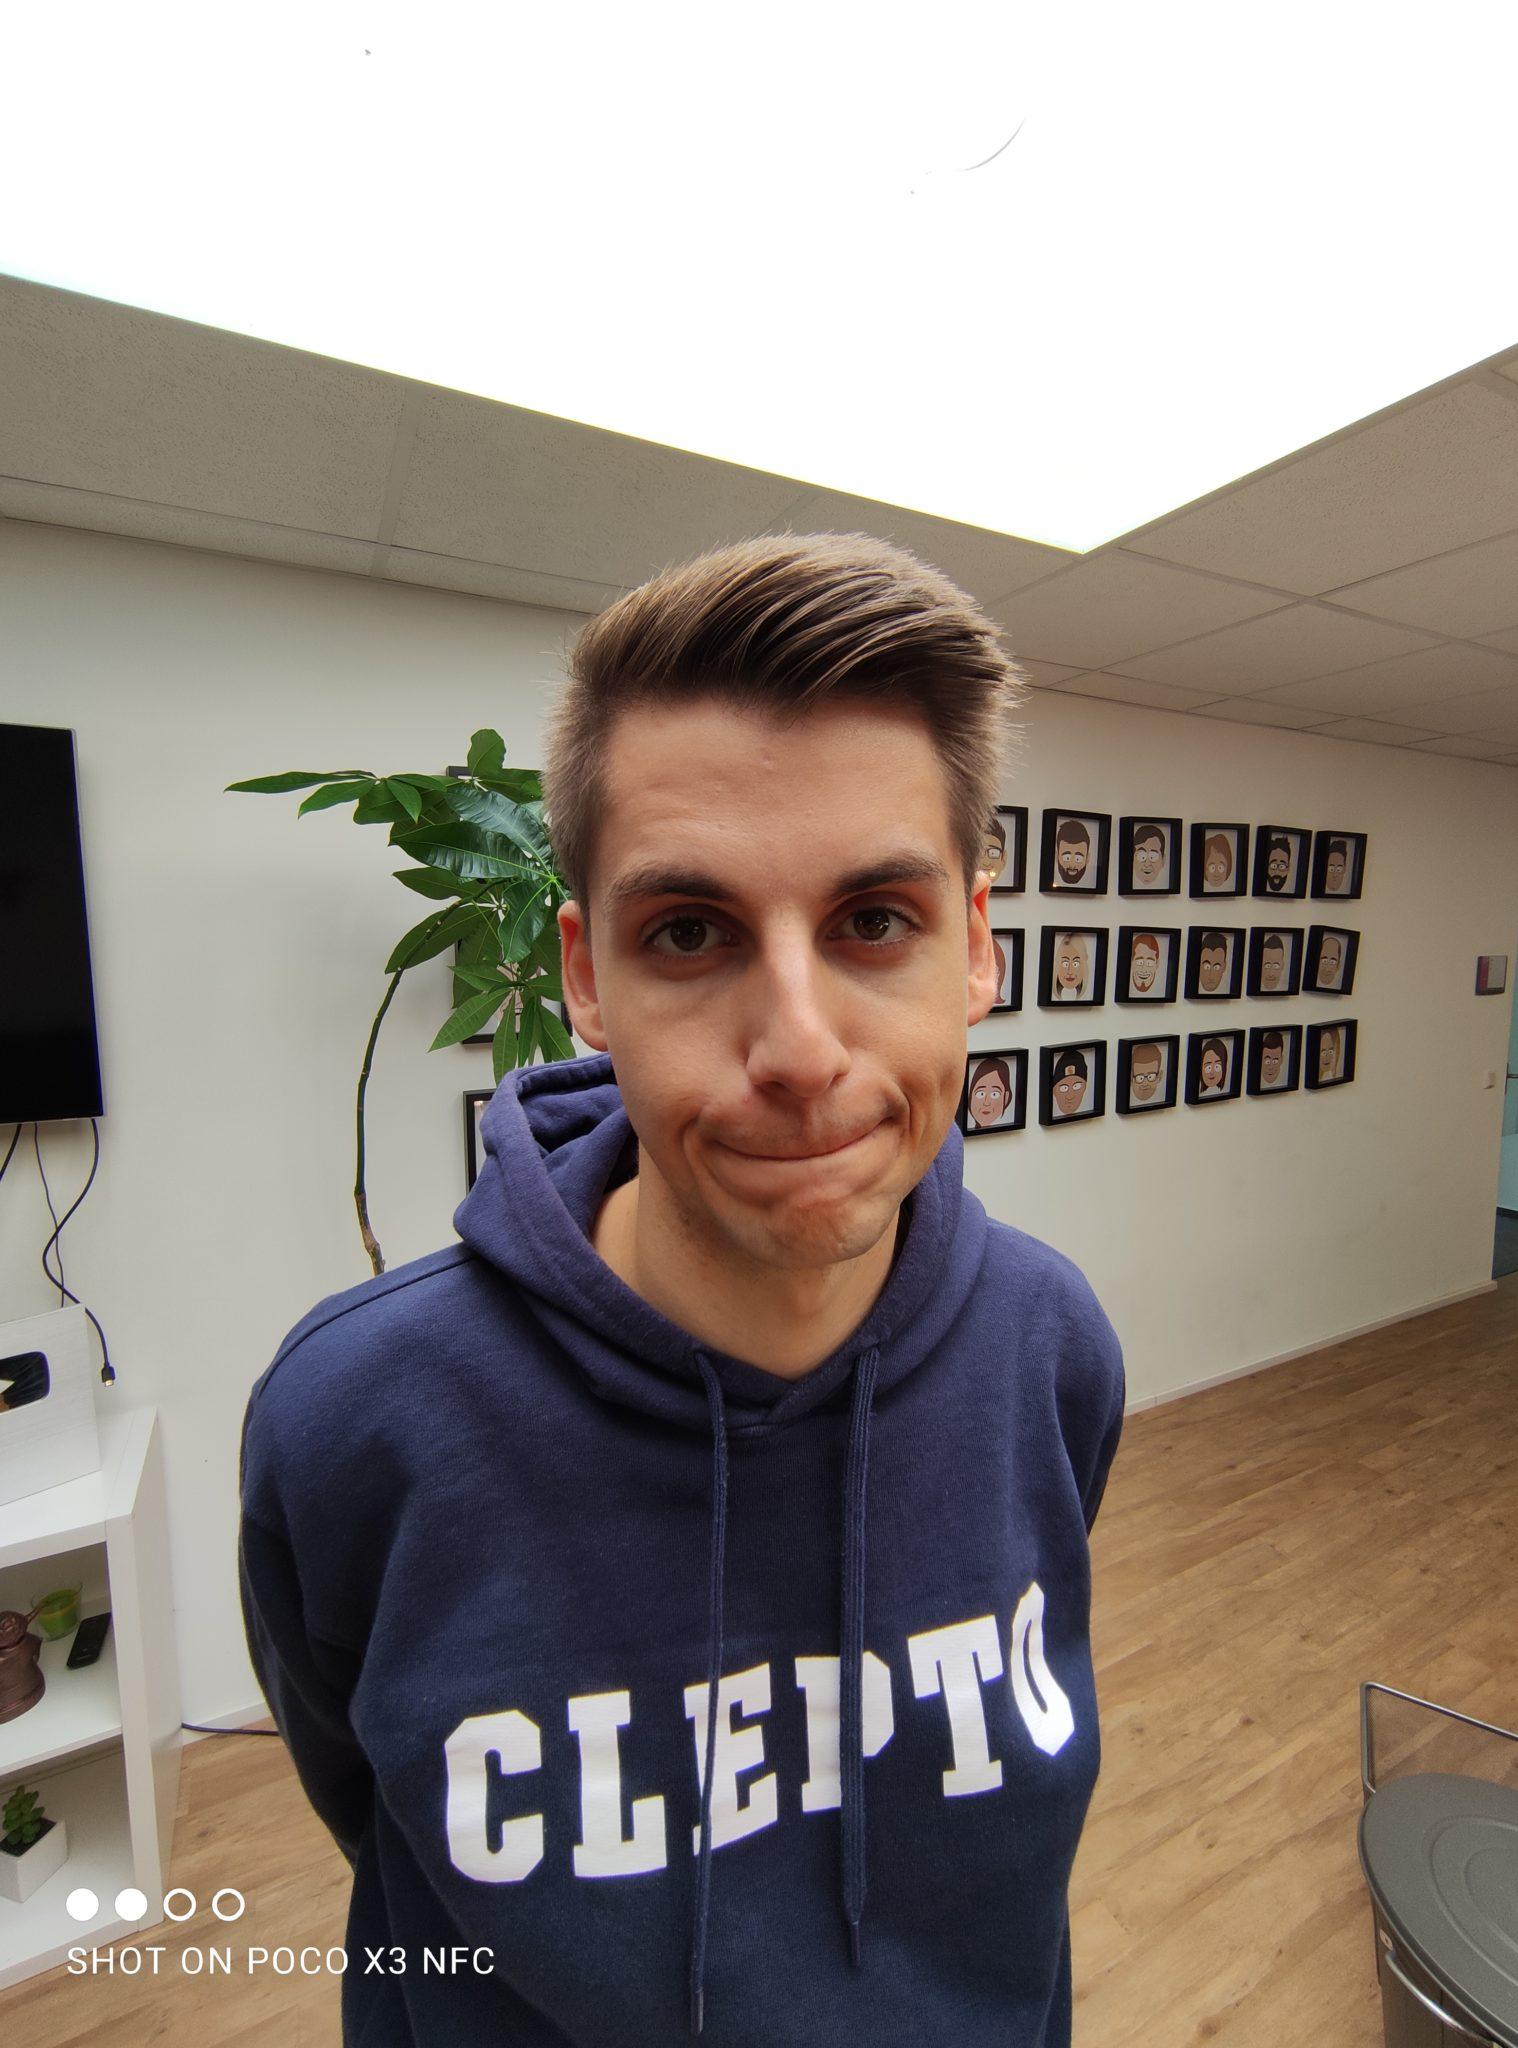 Foto de prueba de Thorben con la cámara ultra gran angular del Poco X3 NFC